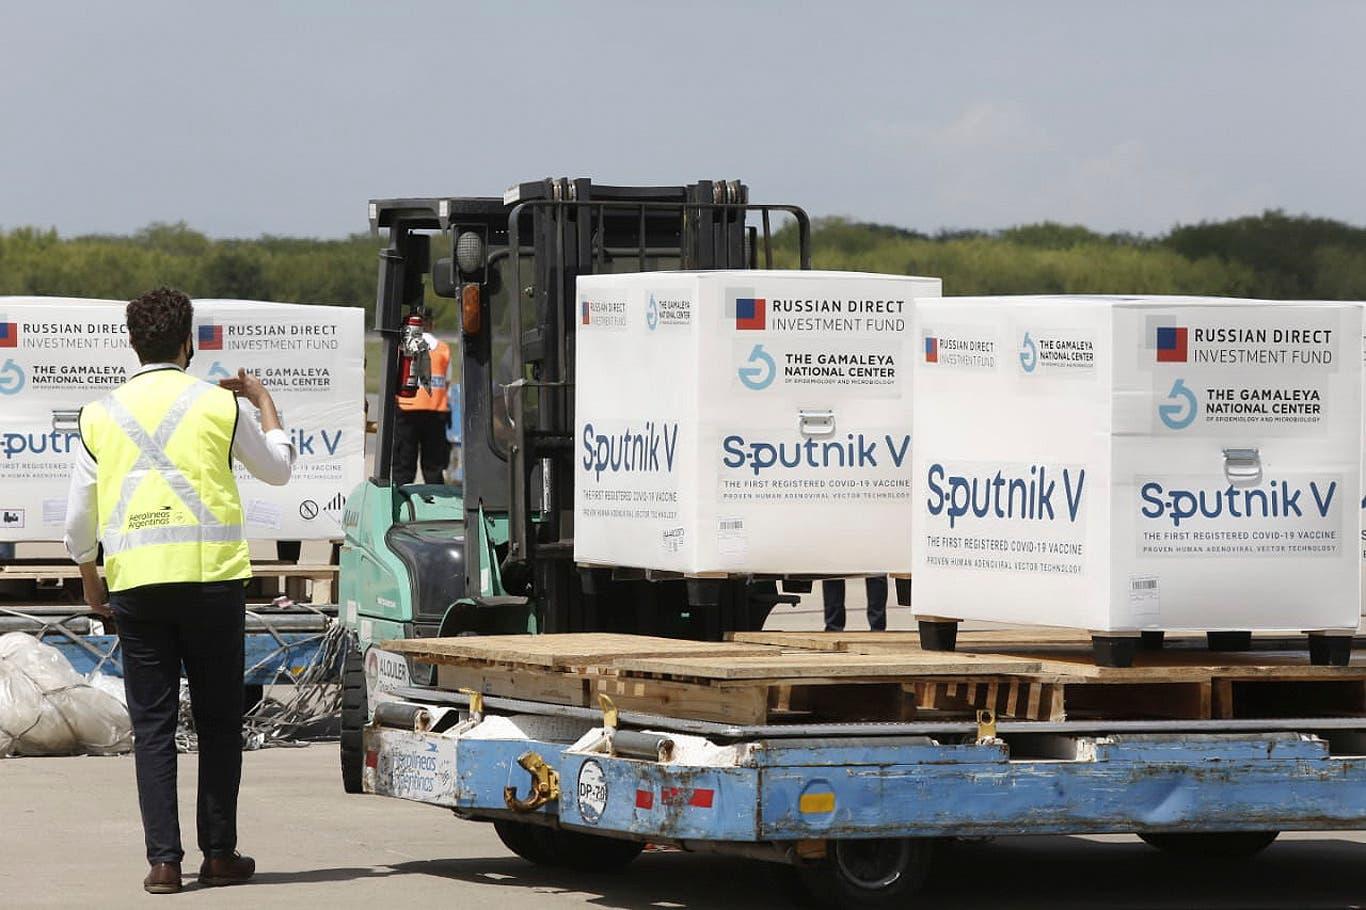 Sputnik V: Aerolíneas Argentinas todavía no confirmó la salida del próximo vuelo a Moscú